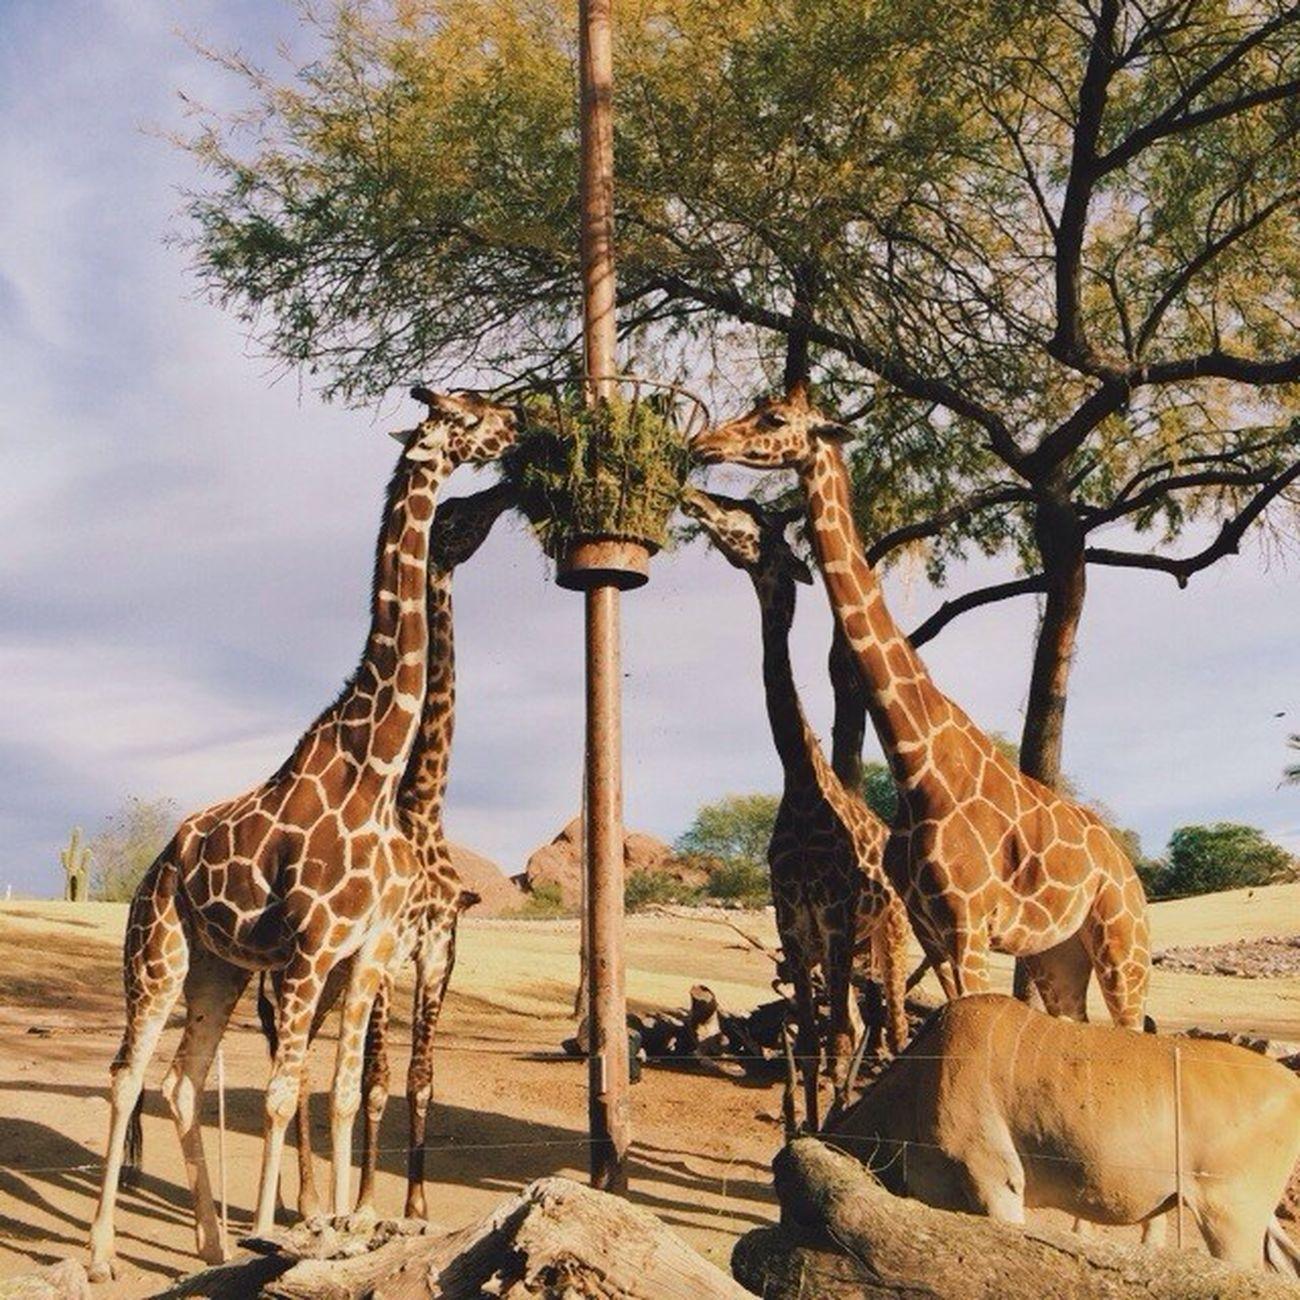 Vscocam VSCO Vscoarizona Instagramaz arizona phoenix giraffe zoo